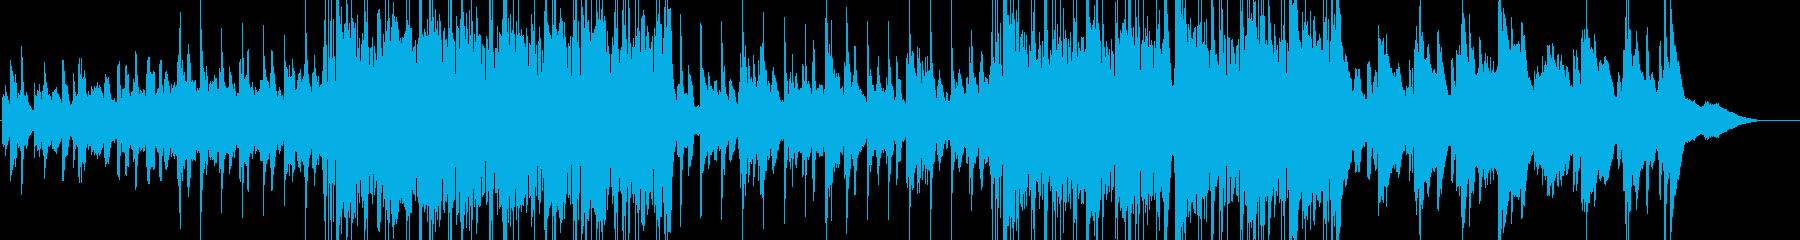 ビートの効いたゆったりバラードの再生済みの波形